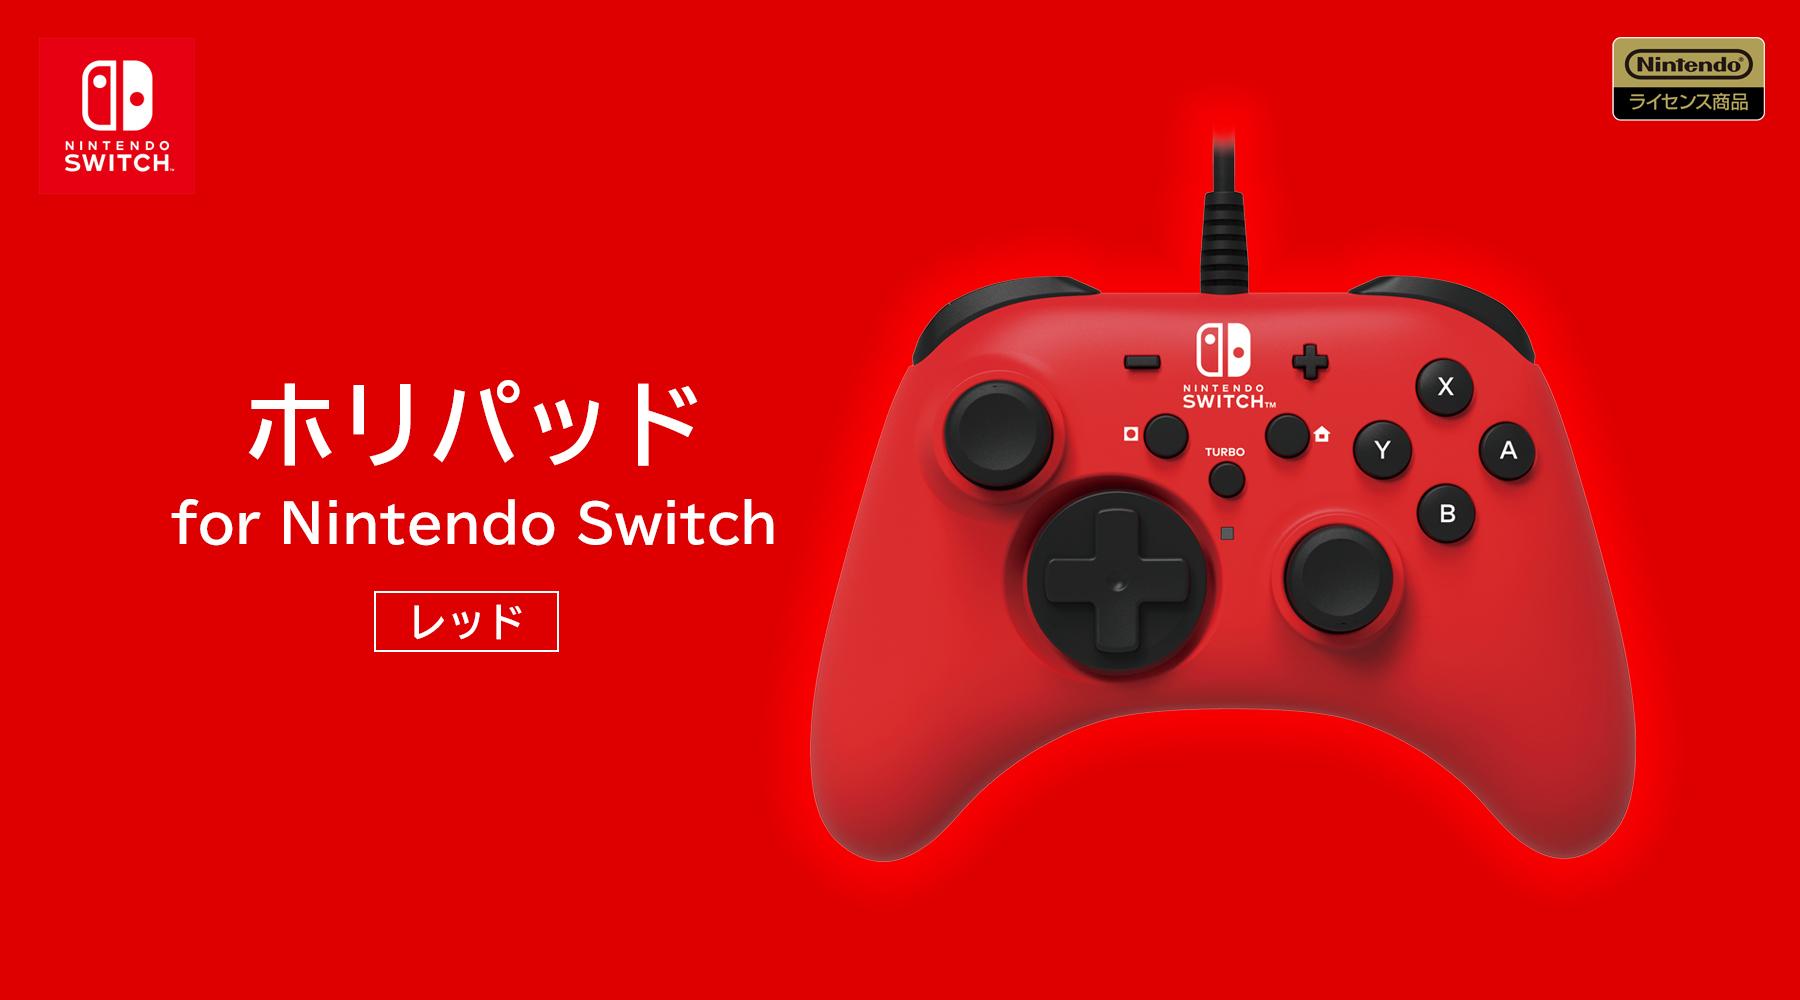 ホリパッド for Nintendo Switchに新色のレッドが登場!2020年10月発売!